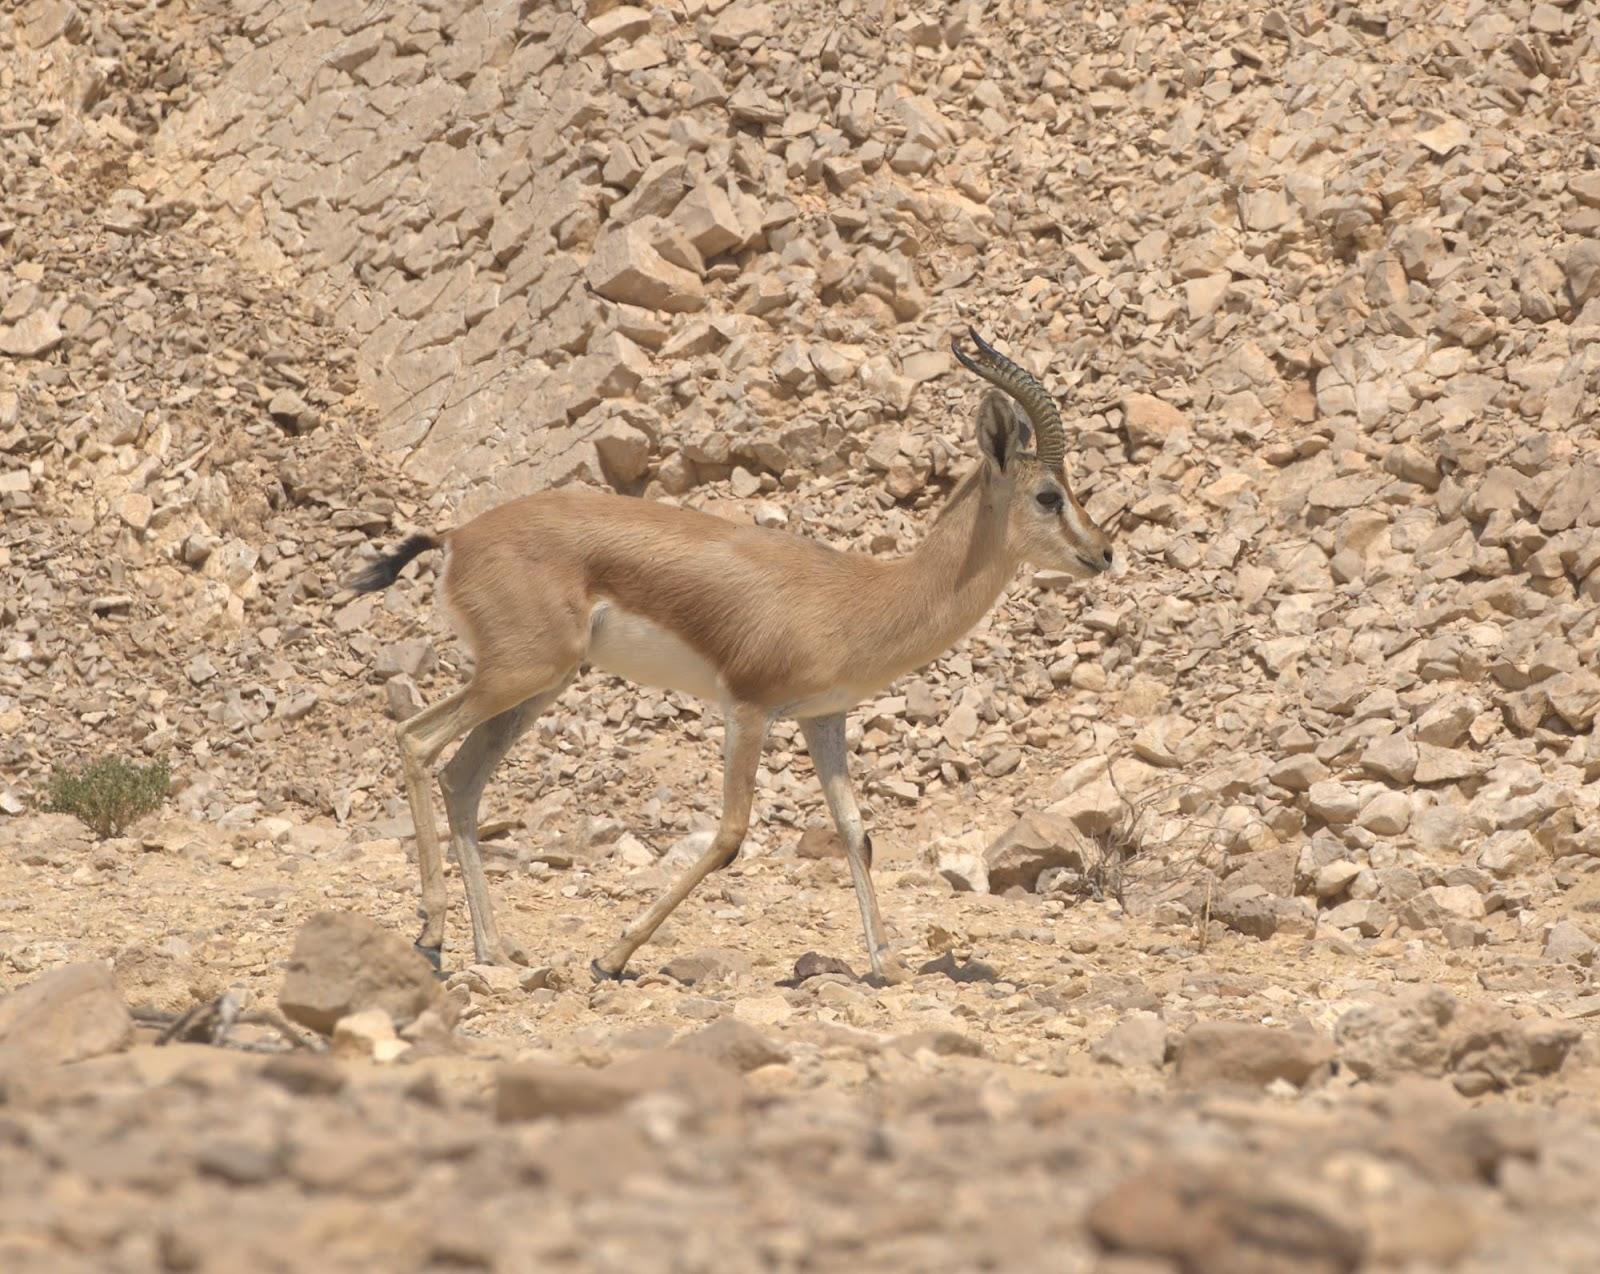 Dorcas gazelle 2_rsz.jpg